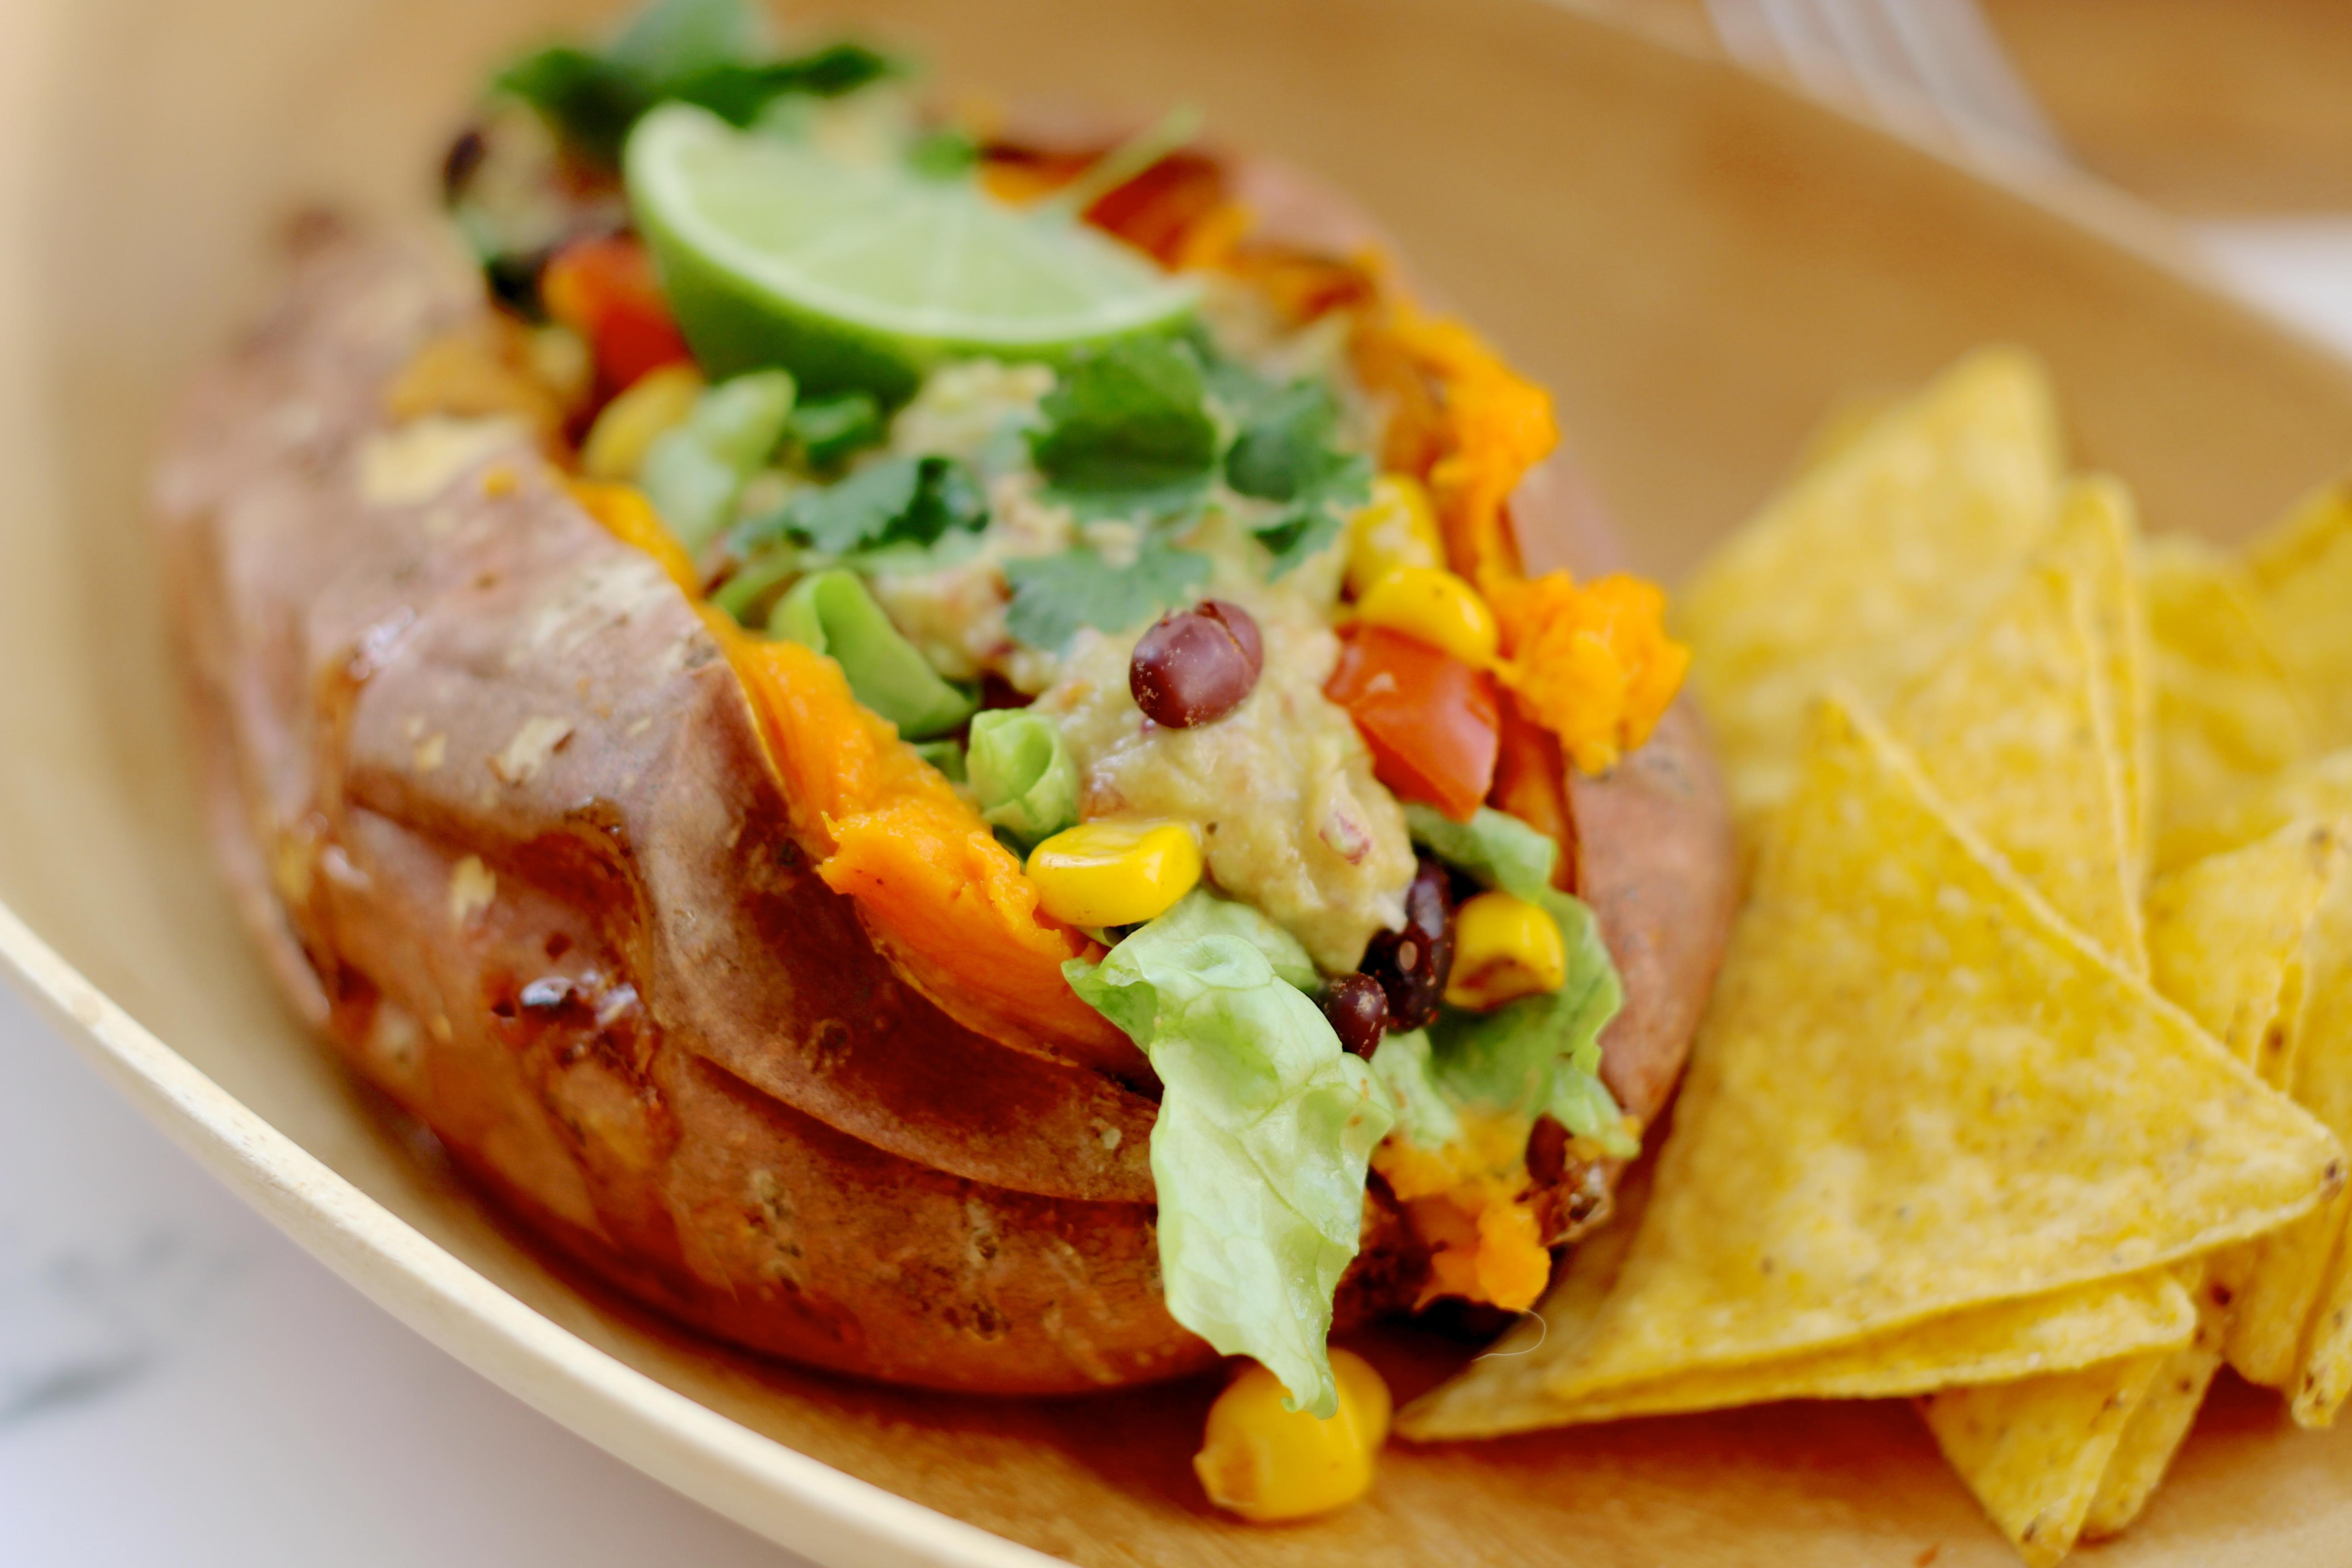 zoete aardappel oven vegetarisch